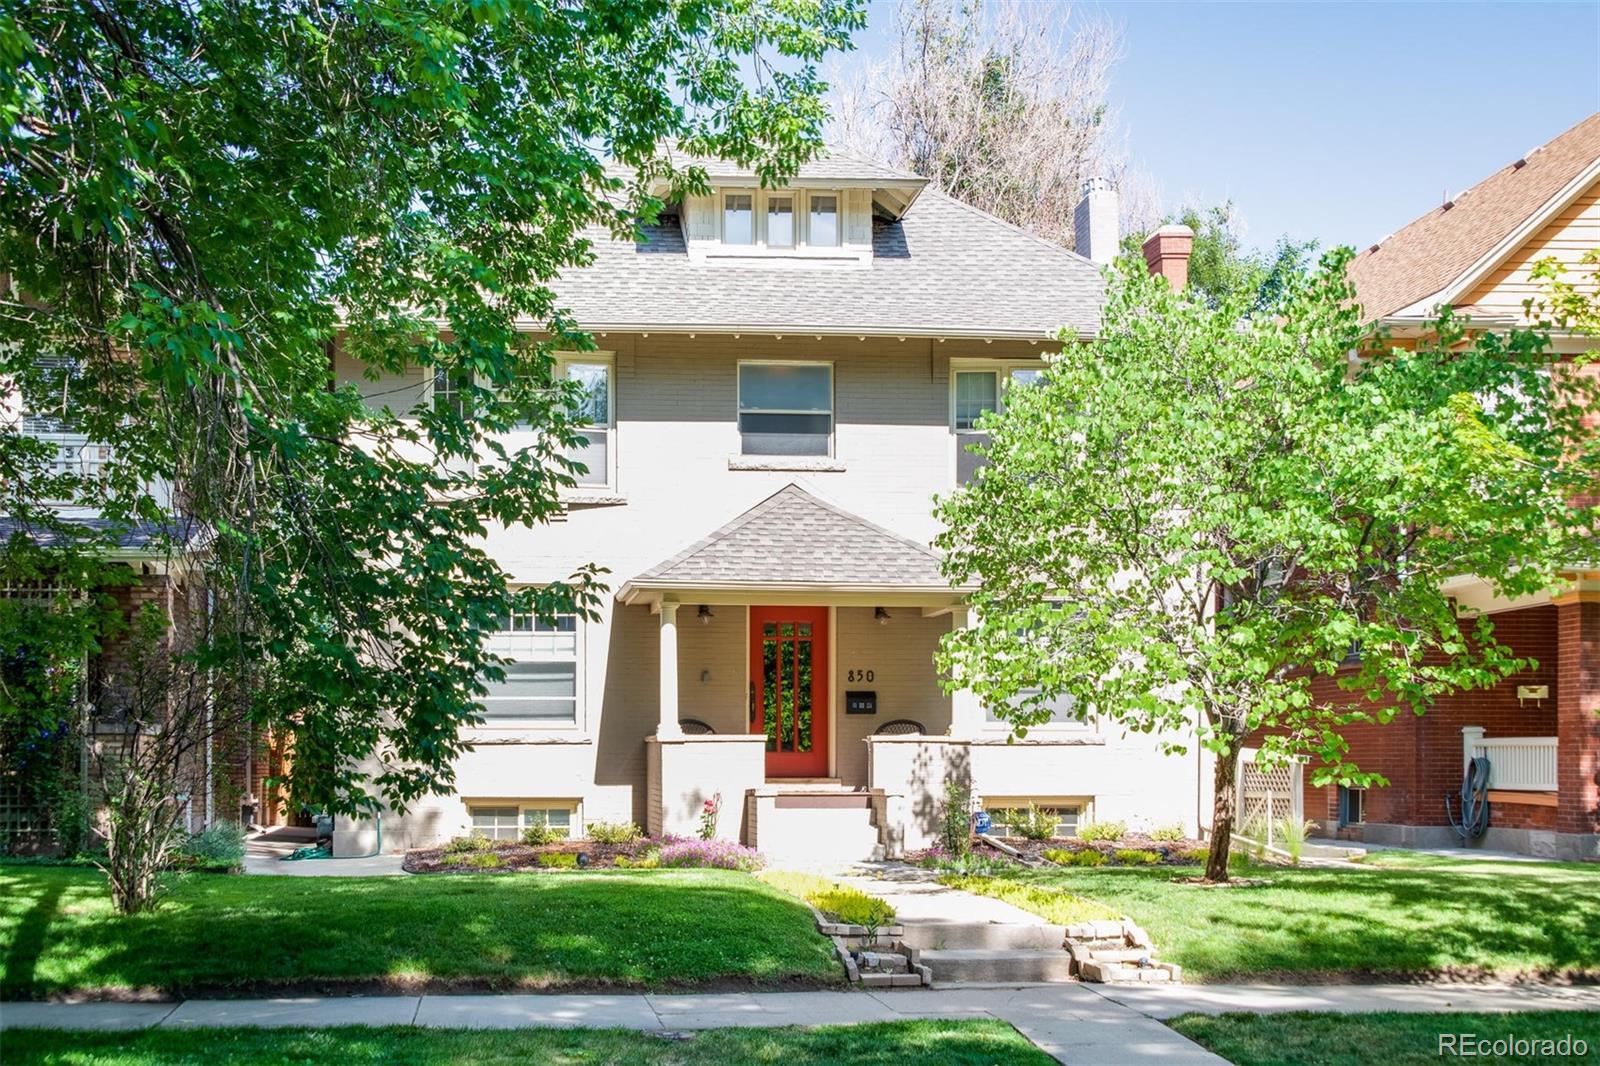 MLS# 6493976 - 2 - 850 N Lafayette Street, Denver, CO 80218